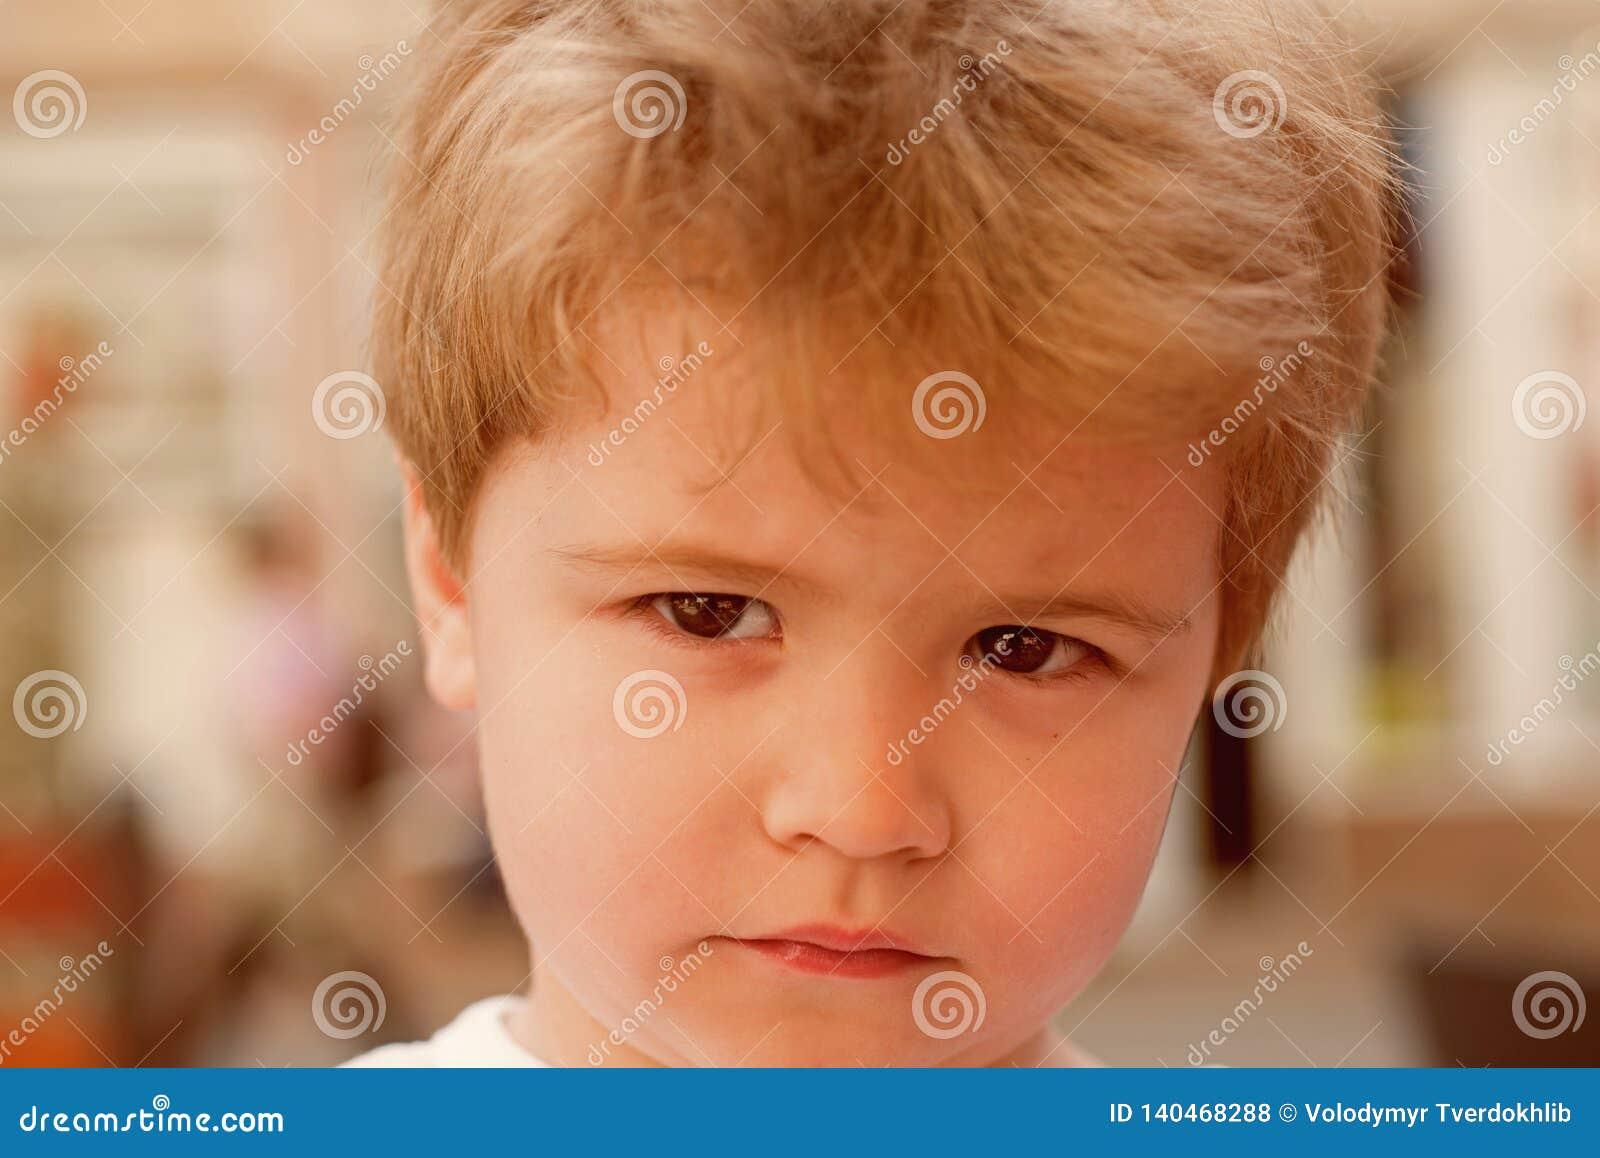 никак oh Маленький ребенок с стильной стрижкой Маленький ребенок с короткой стрижкой Малый мальчик с светлыми волосами Здоровое h